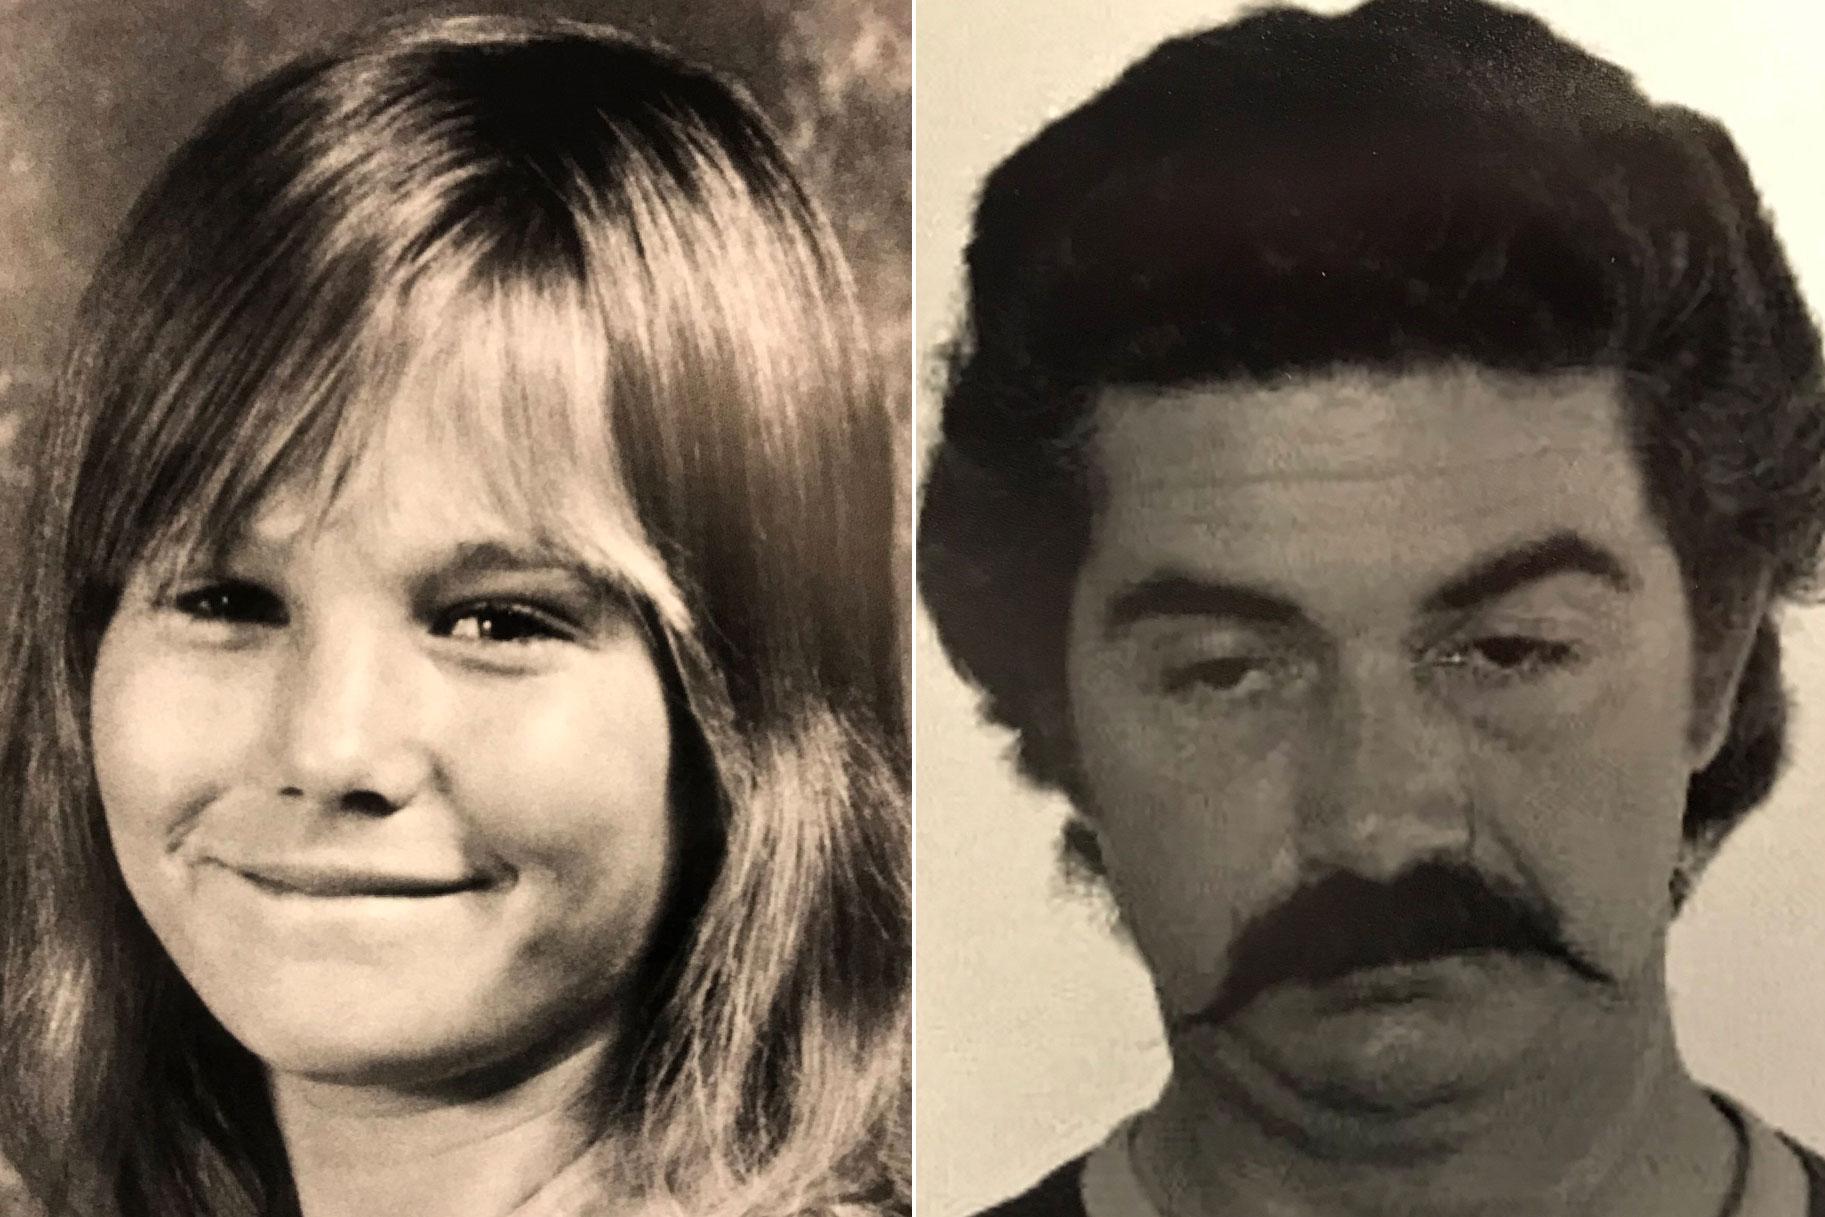 Tänupühal jalgrattaga sõitmise ajal kadunud 11-aastase tüdruku mõrv lahenes lõpuks peaaegu 50 aastat hiljem